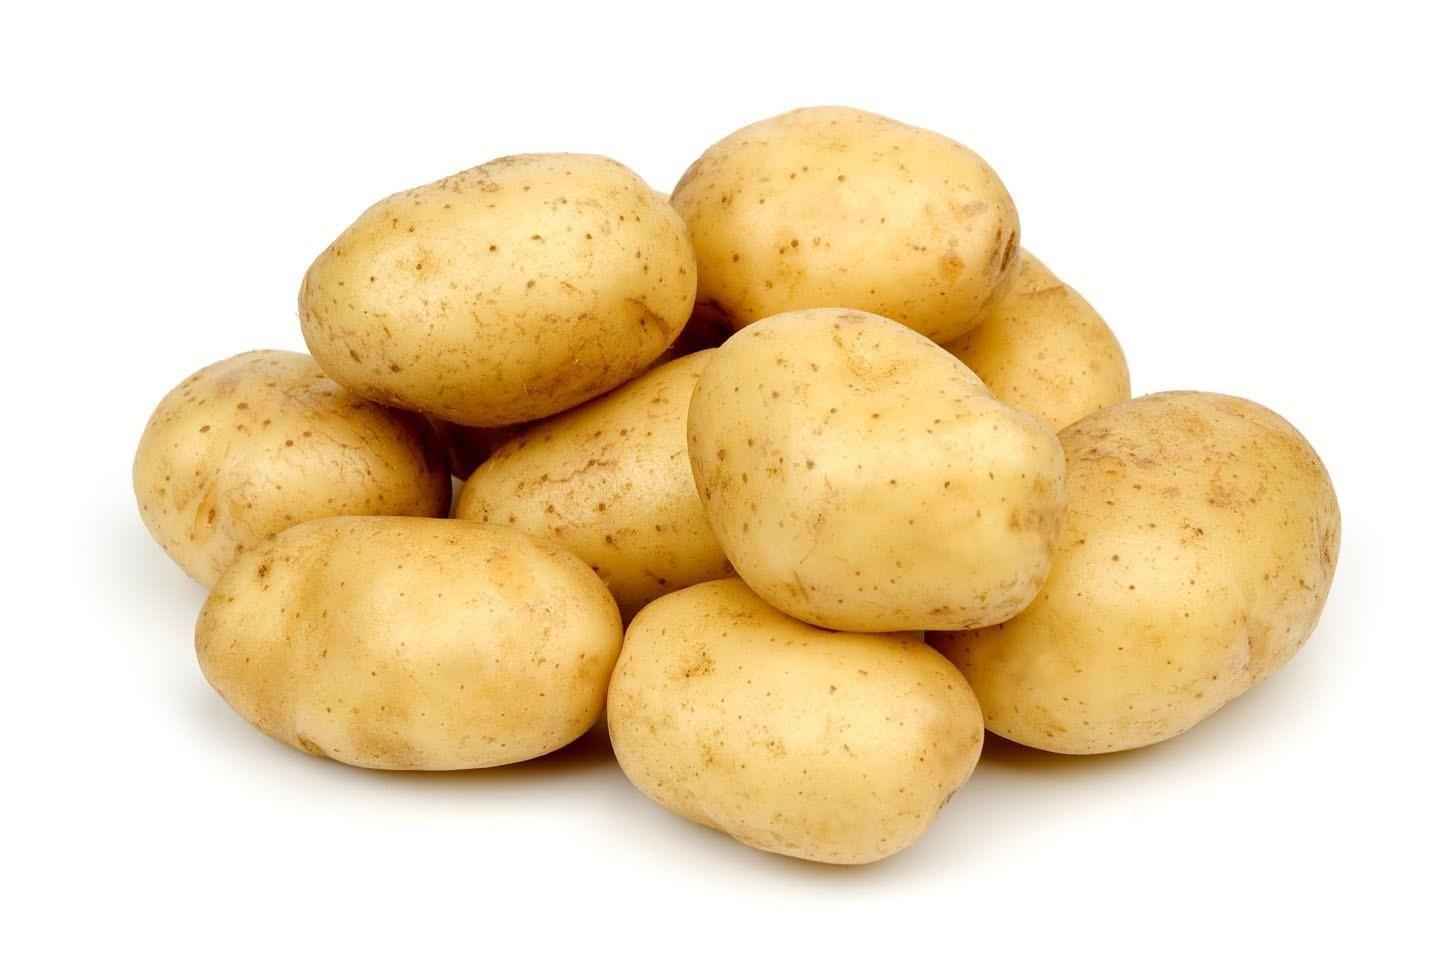 Can Diabetics Eat Boiled Potatoes